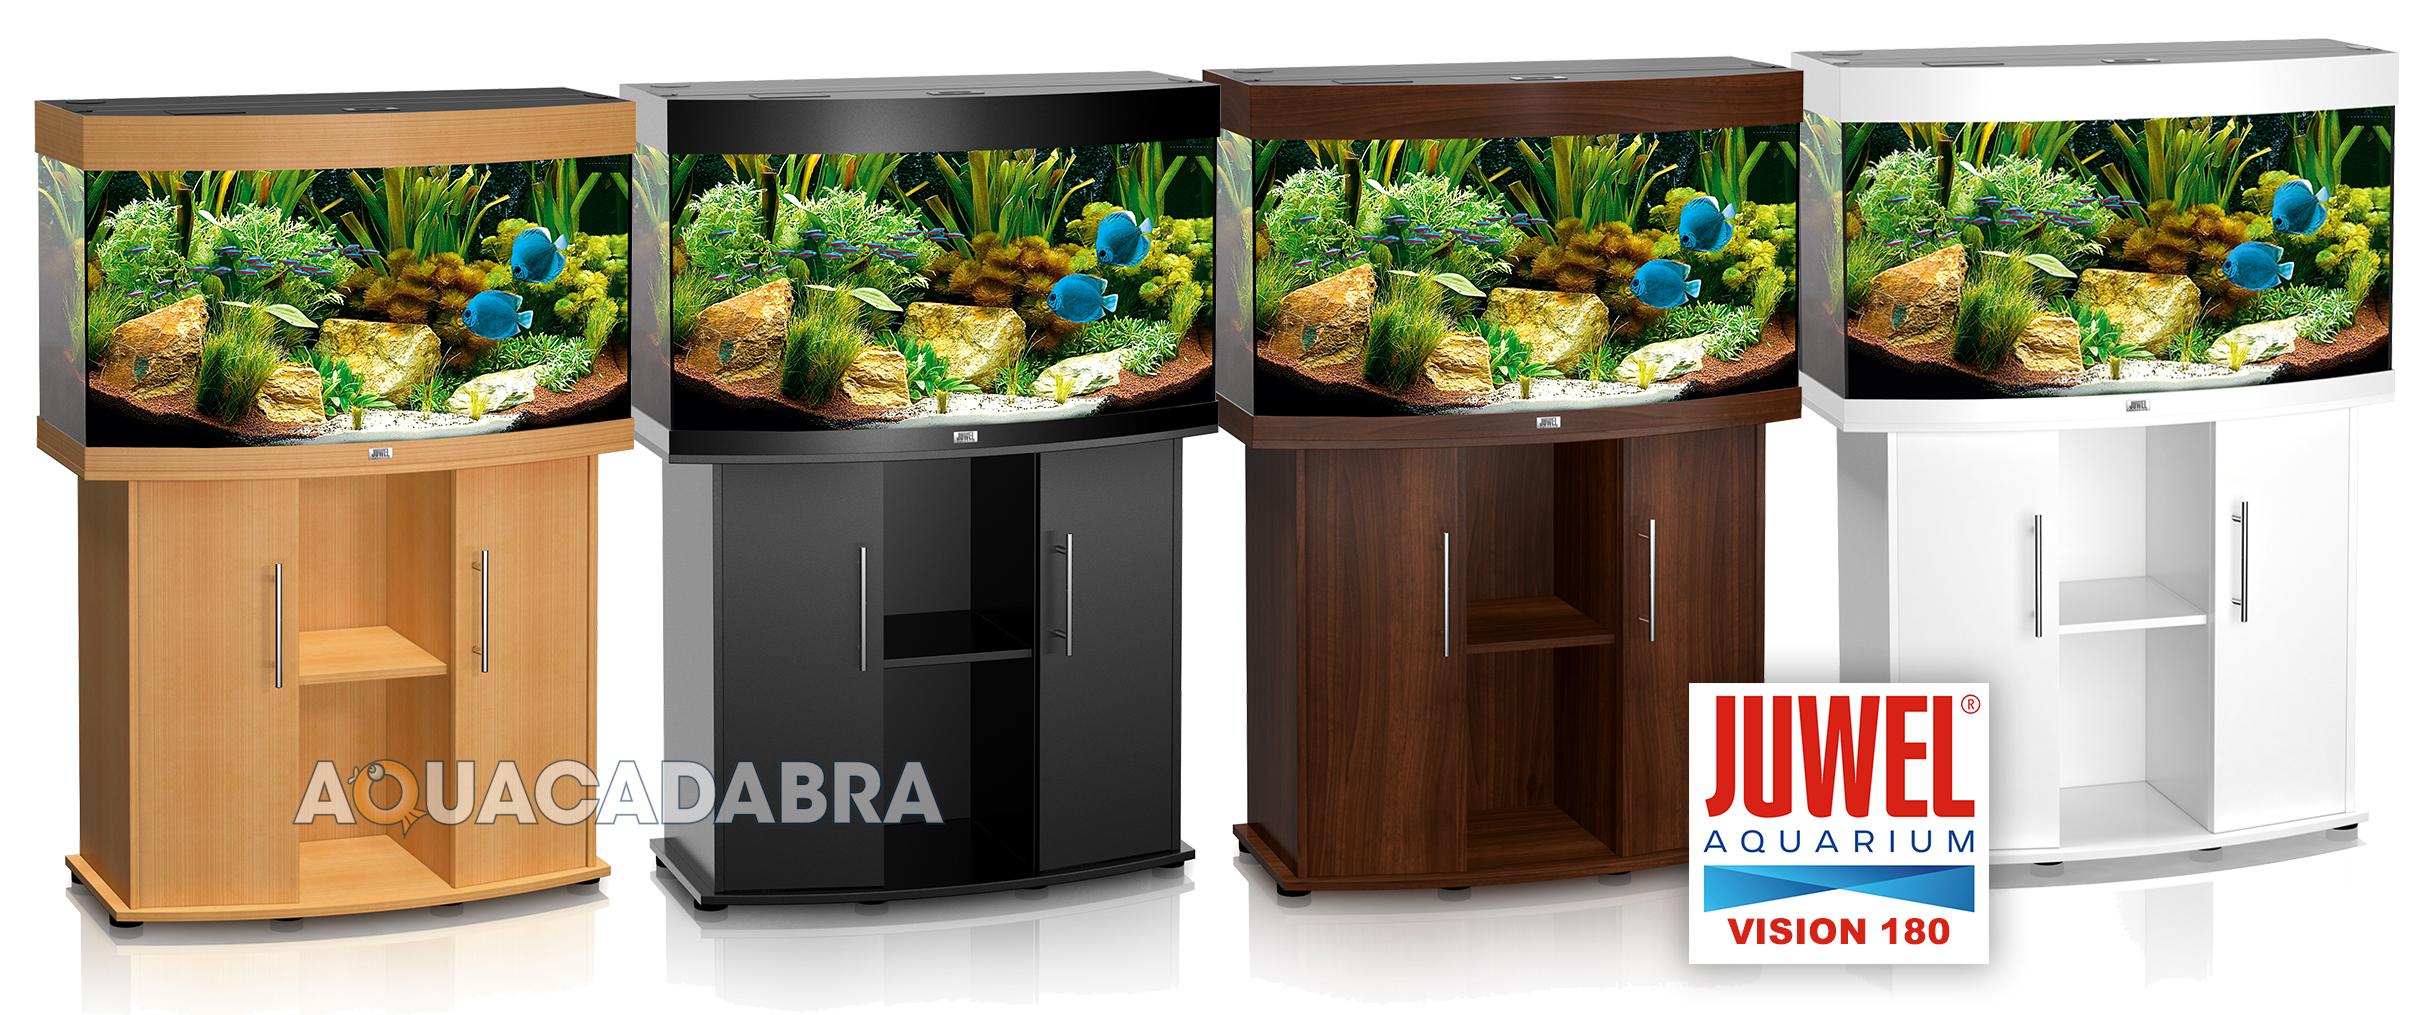 520l cabinet aquarium fish tank tropical - Juwel Aquarium Fish Tank Cabinet Rio Trigon Vision